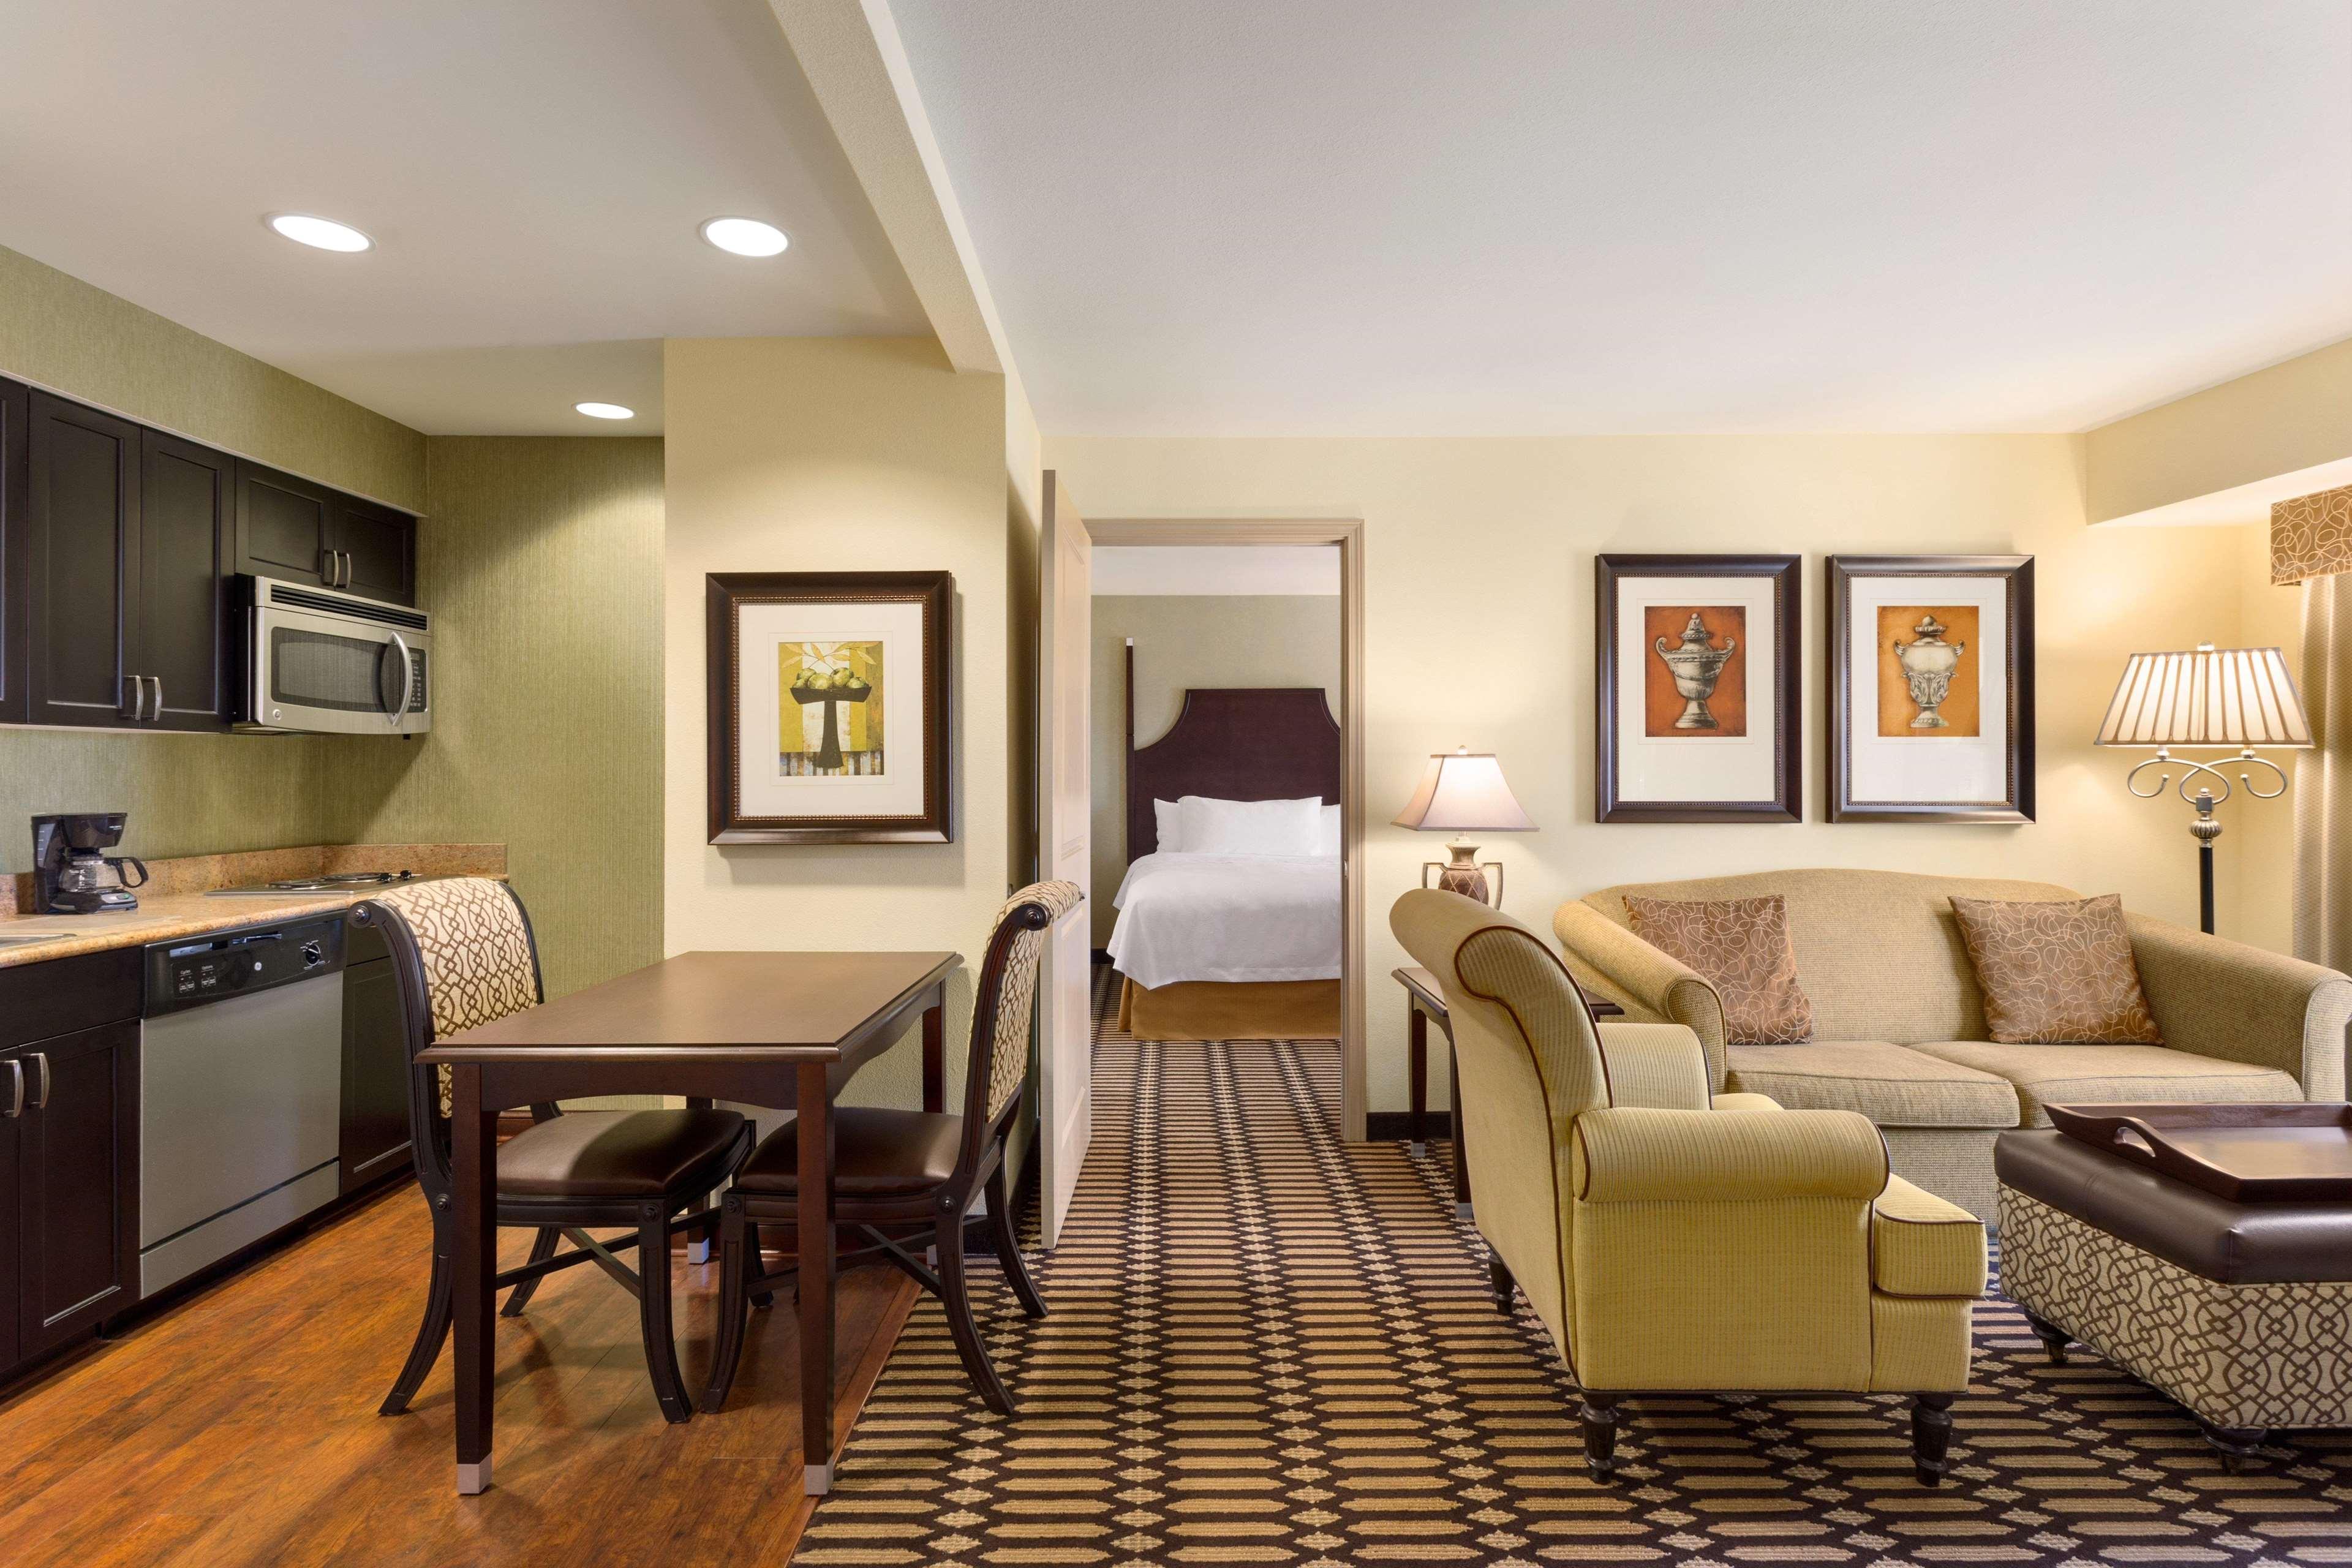 Homewood Suites by Hilton Lafayette-Airport, LA image 20